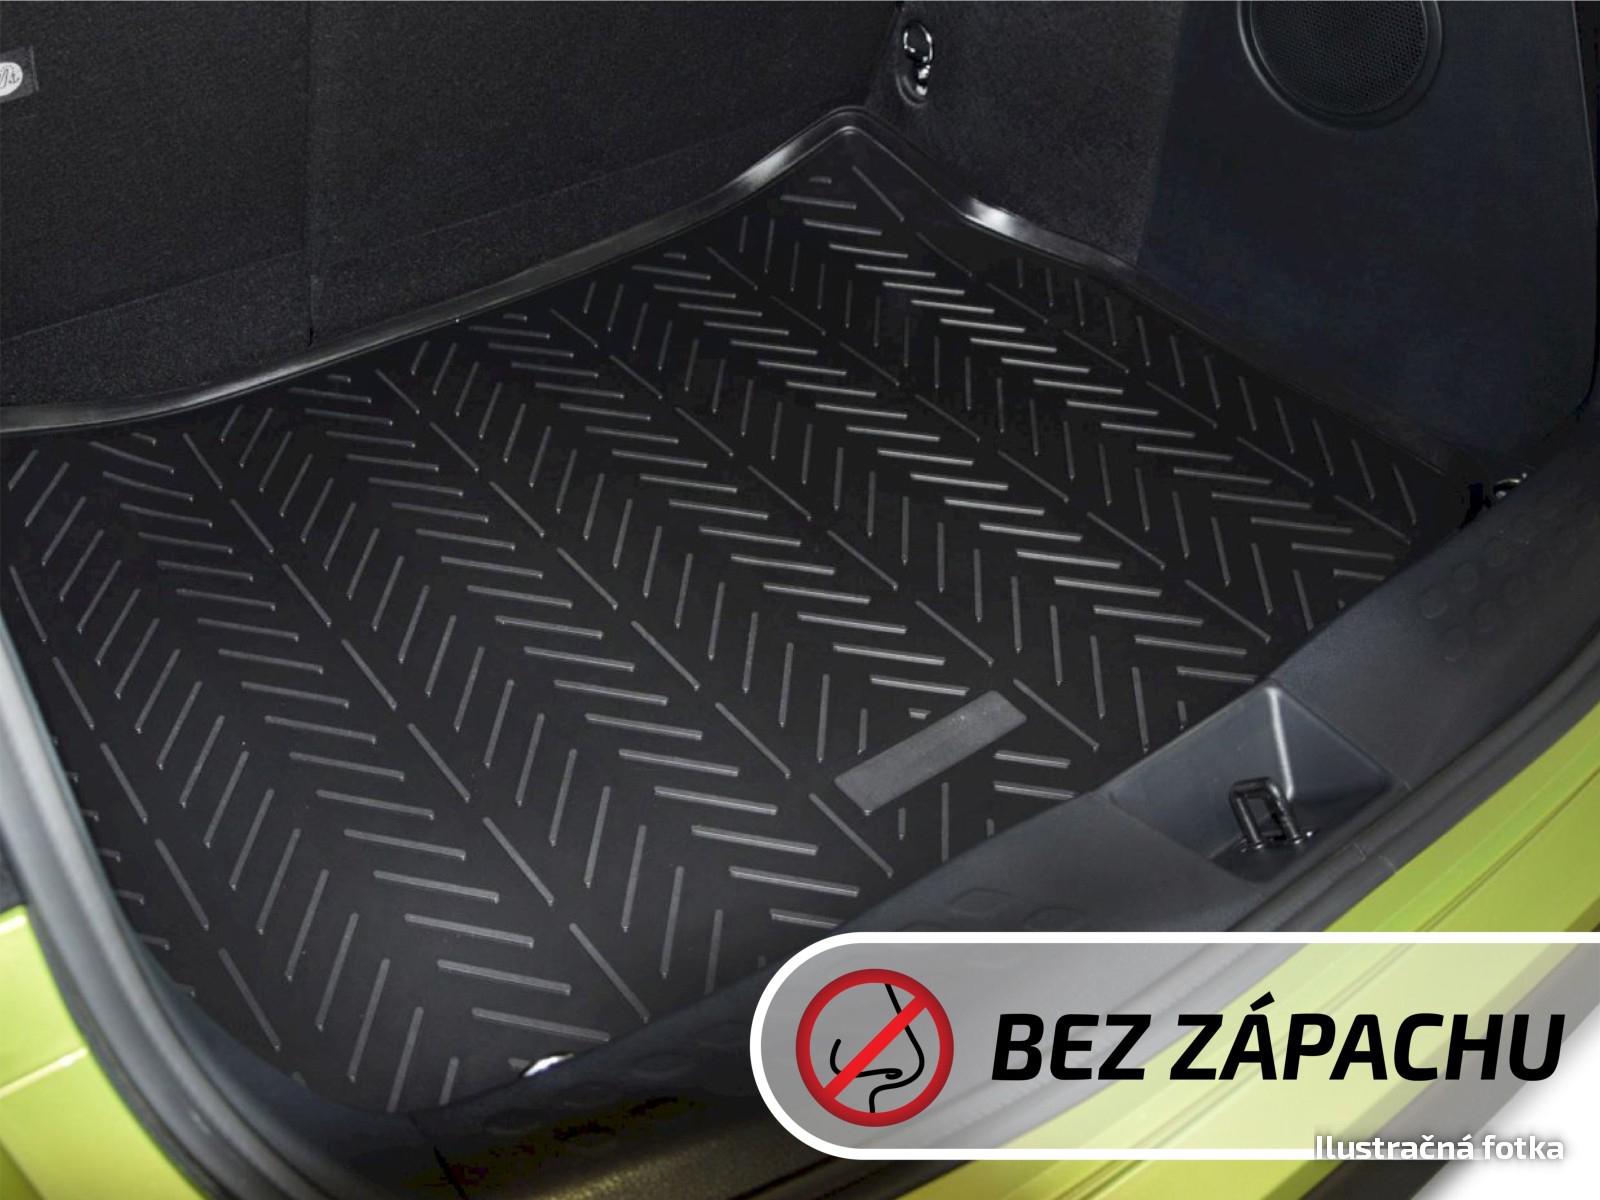 Poza cu Tavita de portbagaj Premium, Renault Zoe, 2014-